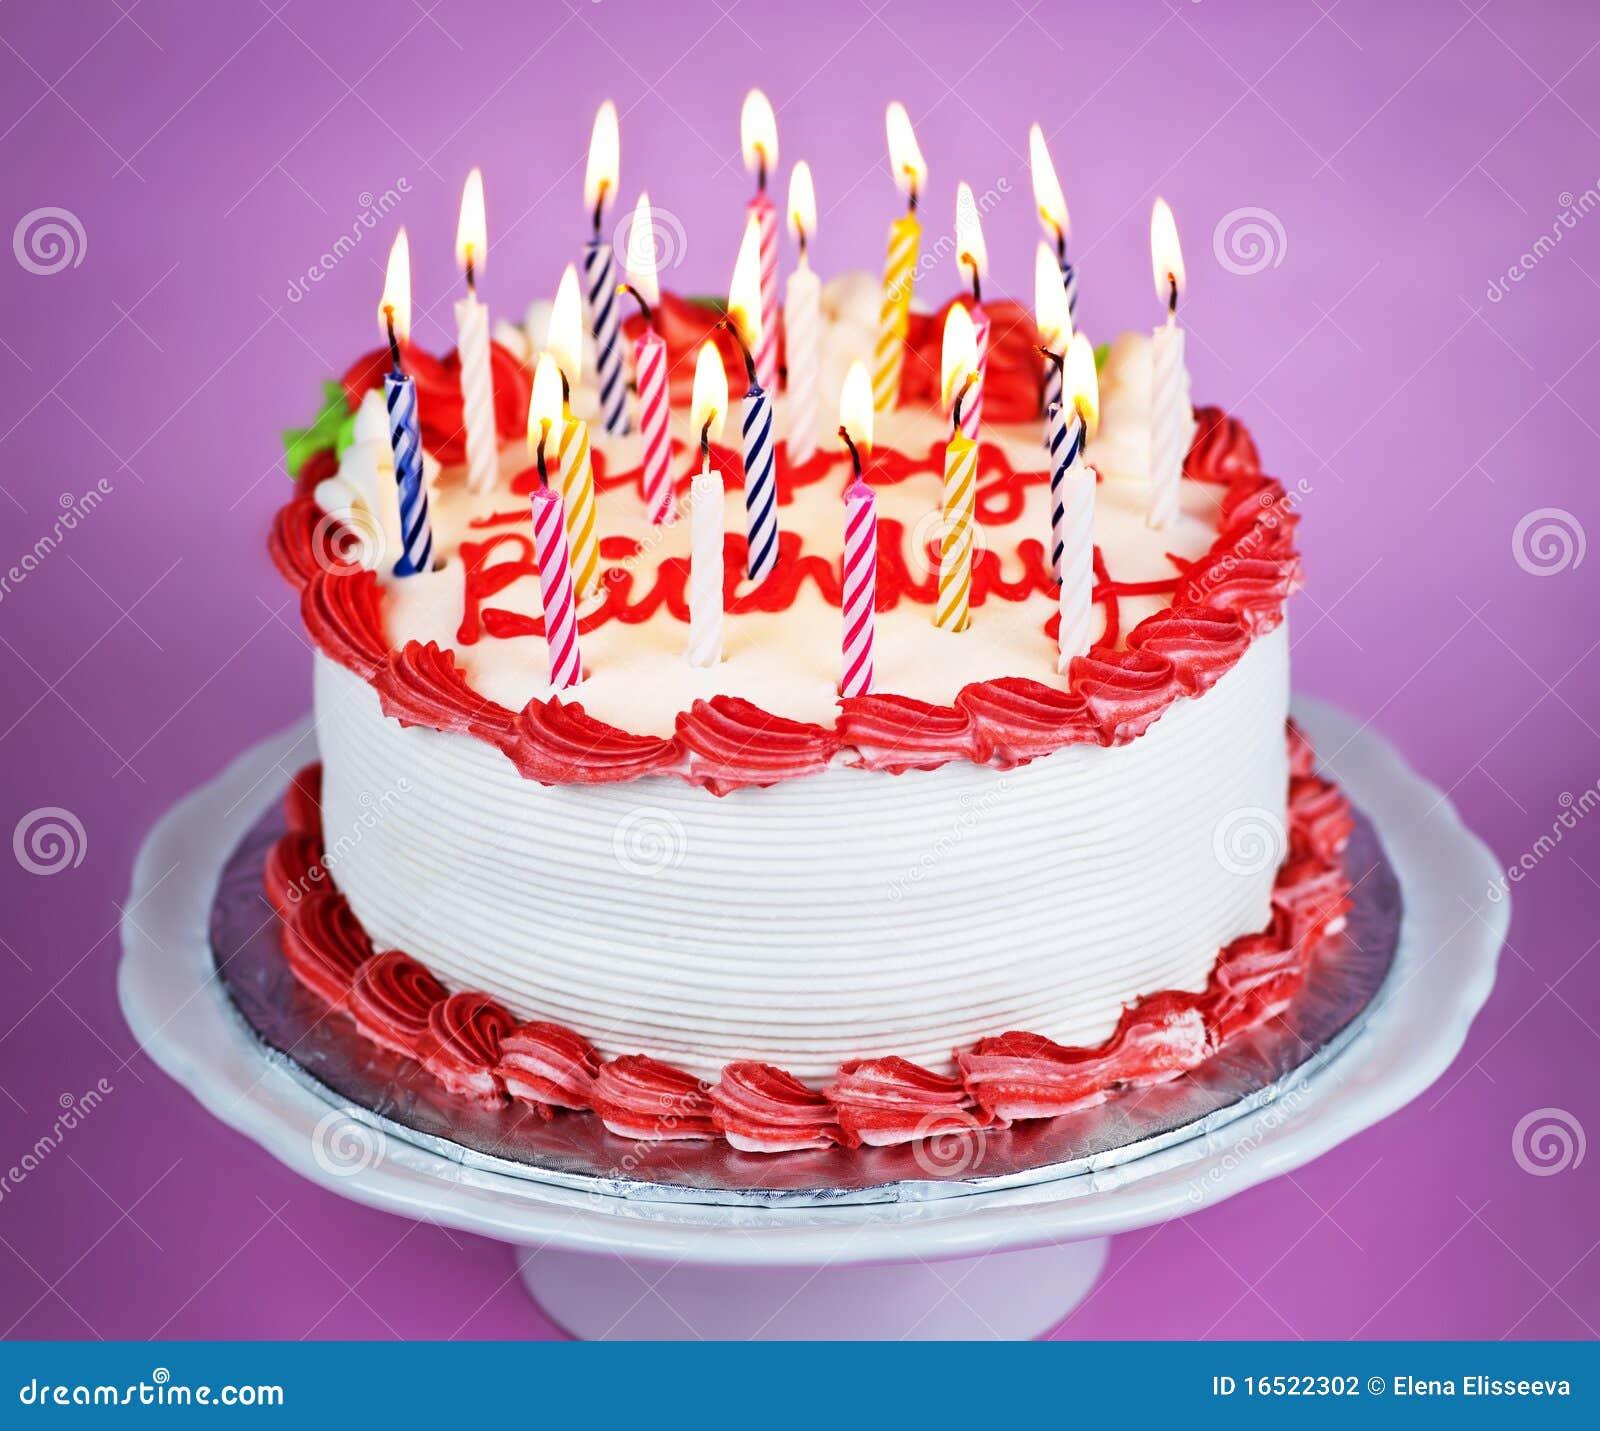 Gâteau Danniversaire Avec Les Bougies Allumées Photo Stock Image